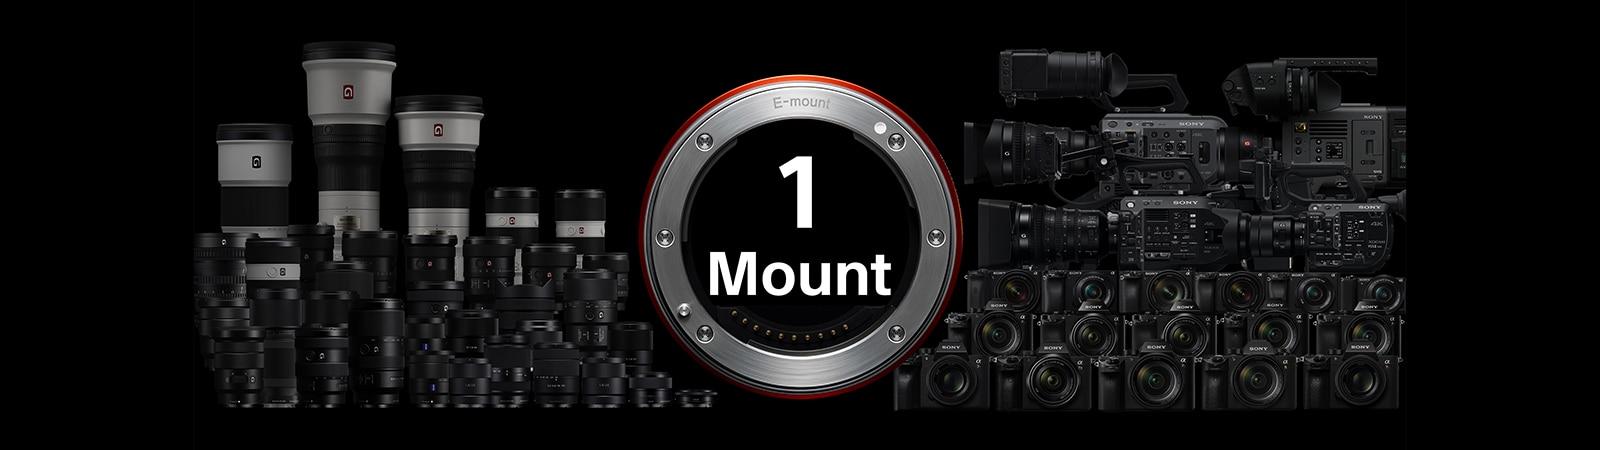 E-mount lenses and cameras